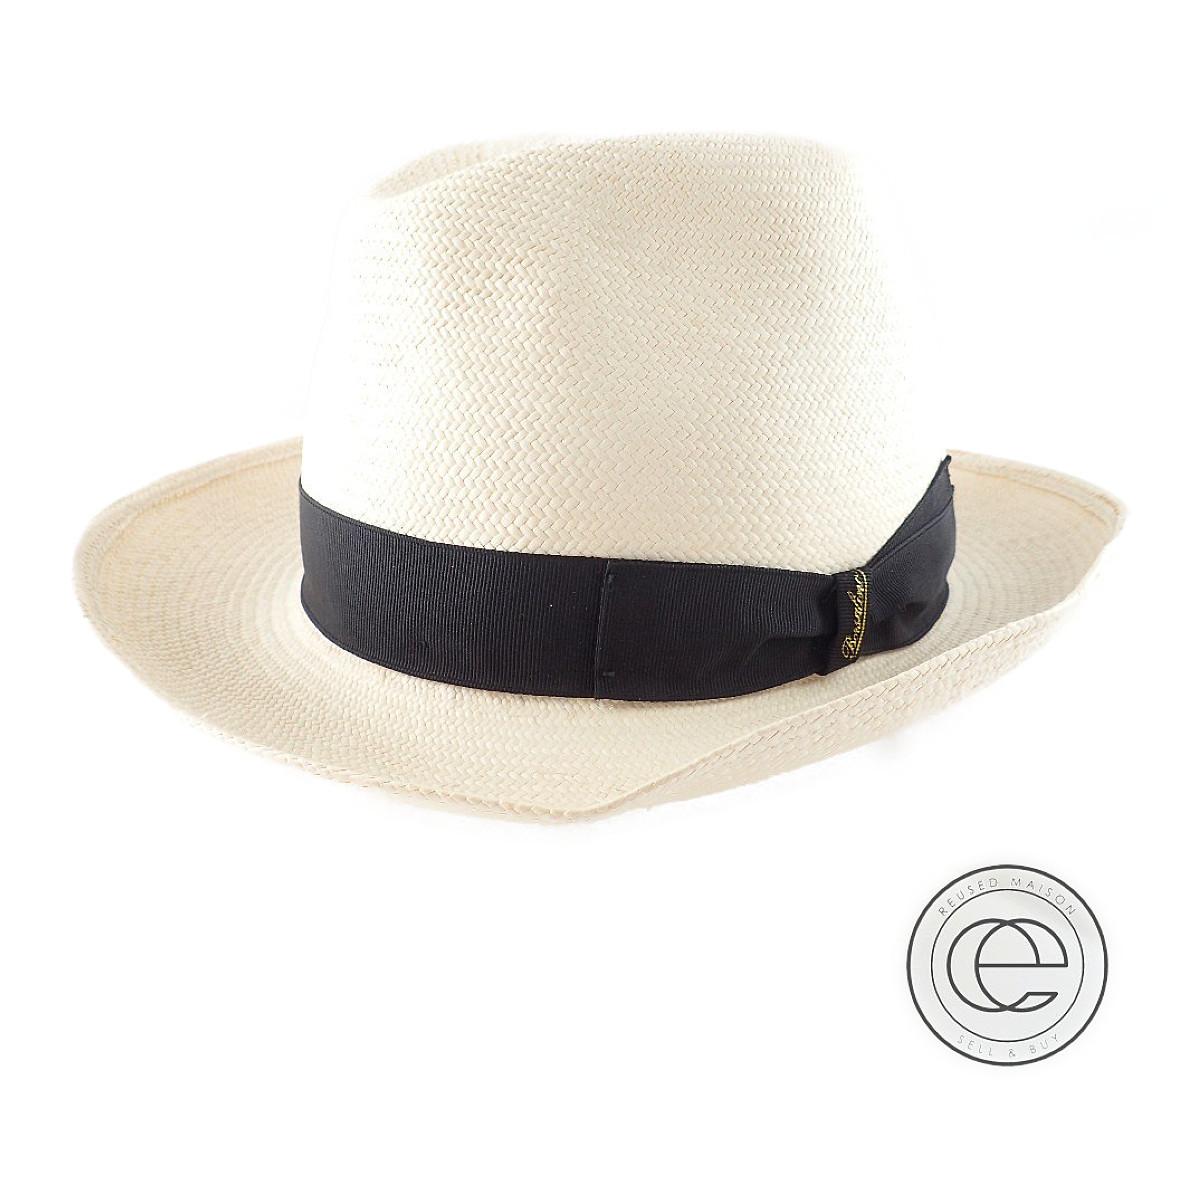 Borsalino 定価 ボルサリーノ 140261 PAGLIA パナマハット 帽子 年間定番 中古 ブラック オフホワイト 57 メンズ